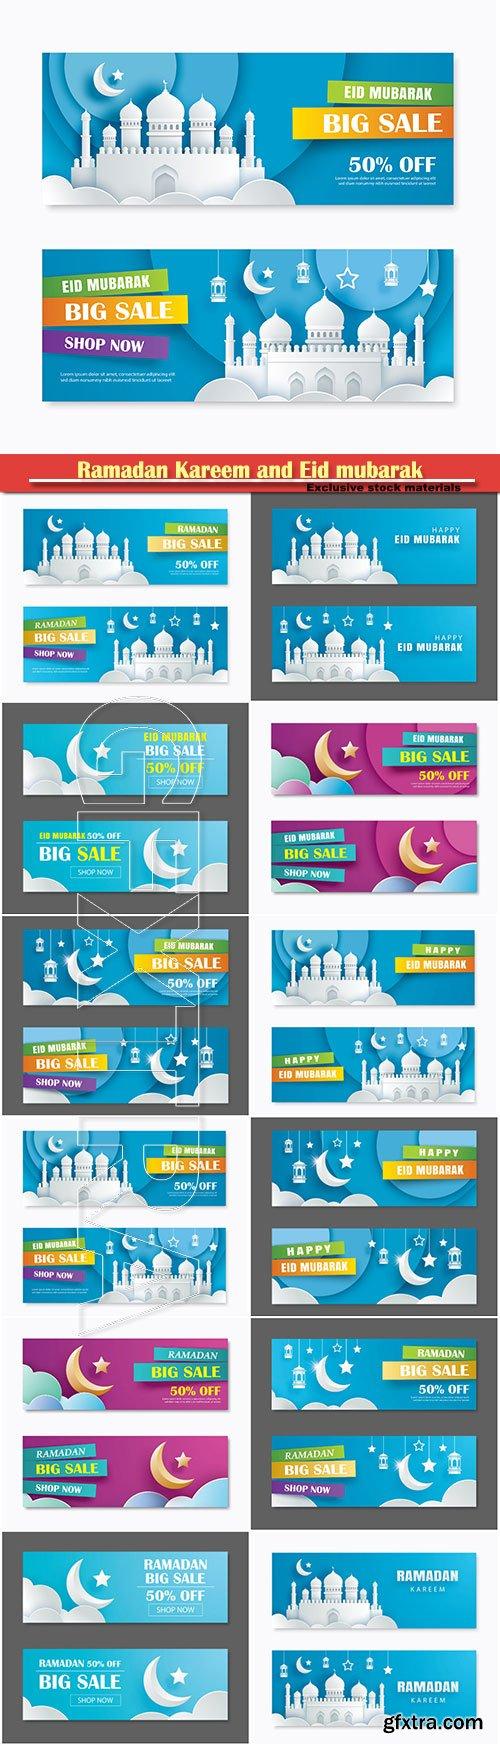 Ramadan Kareem and Eid mubarak sale vector banner design